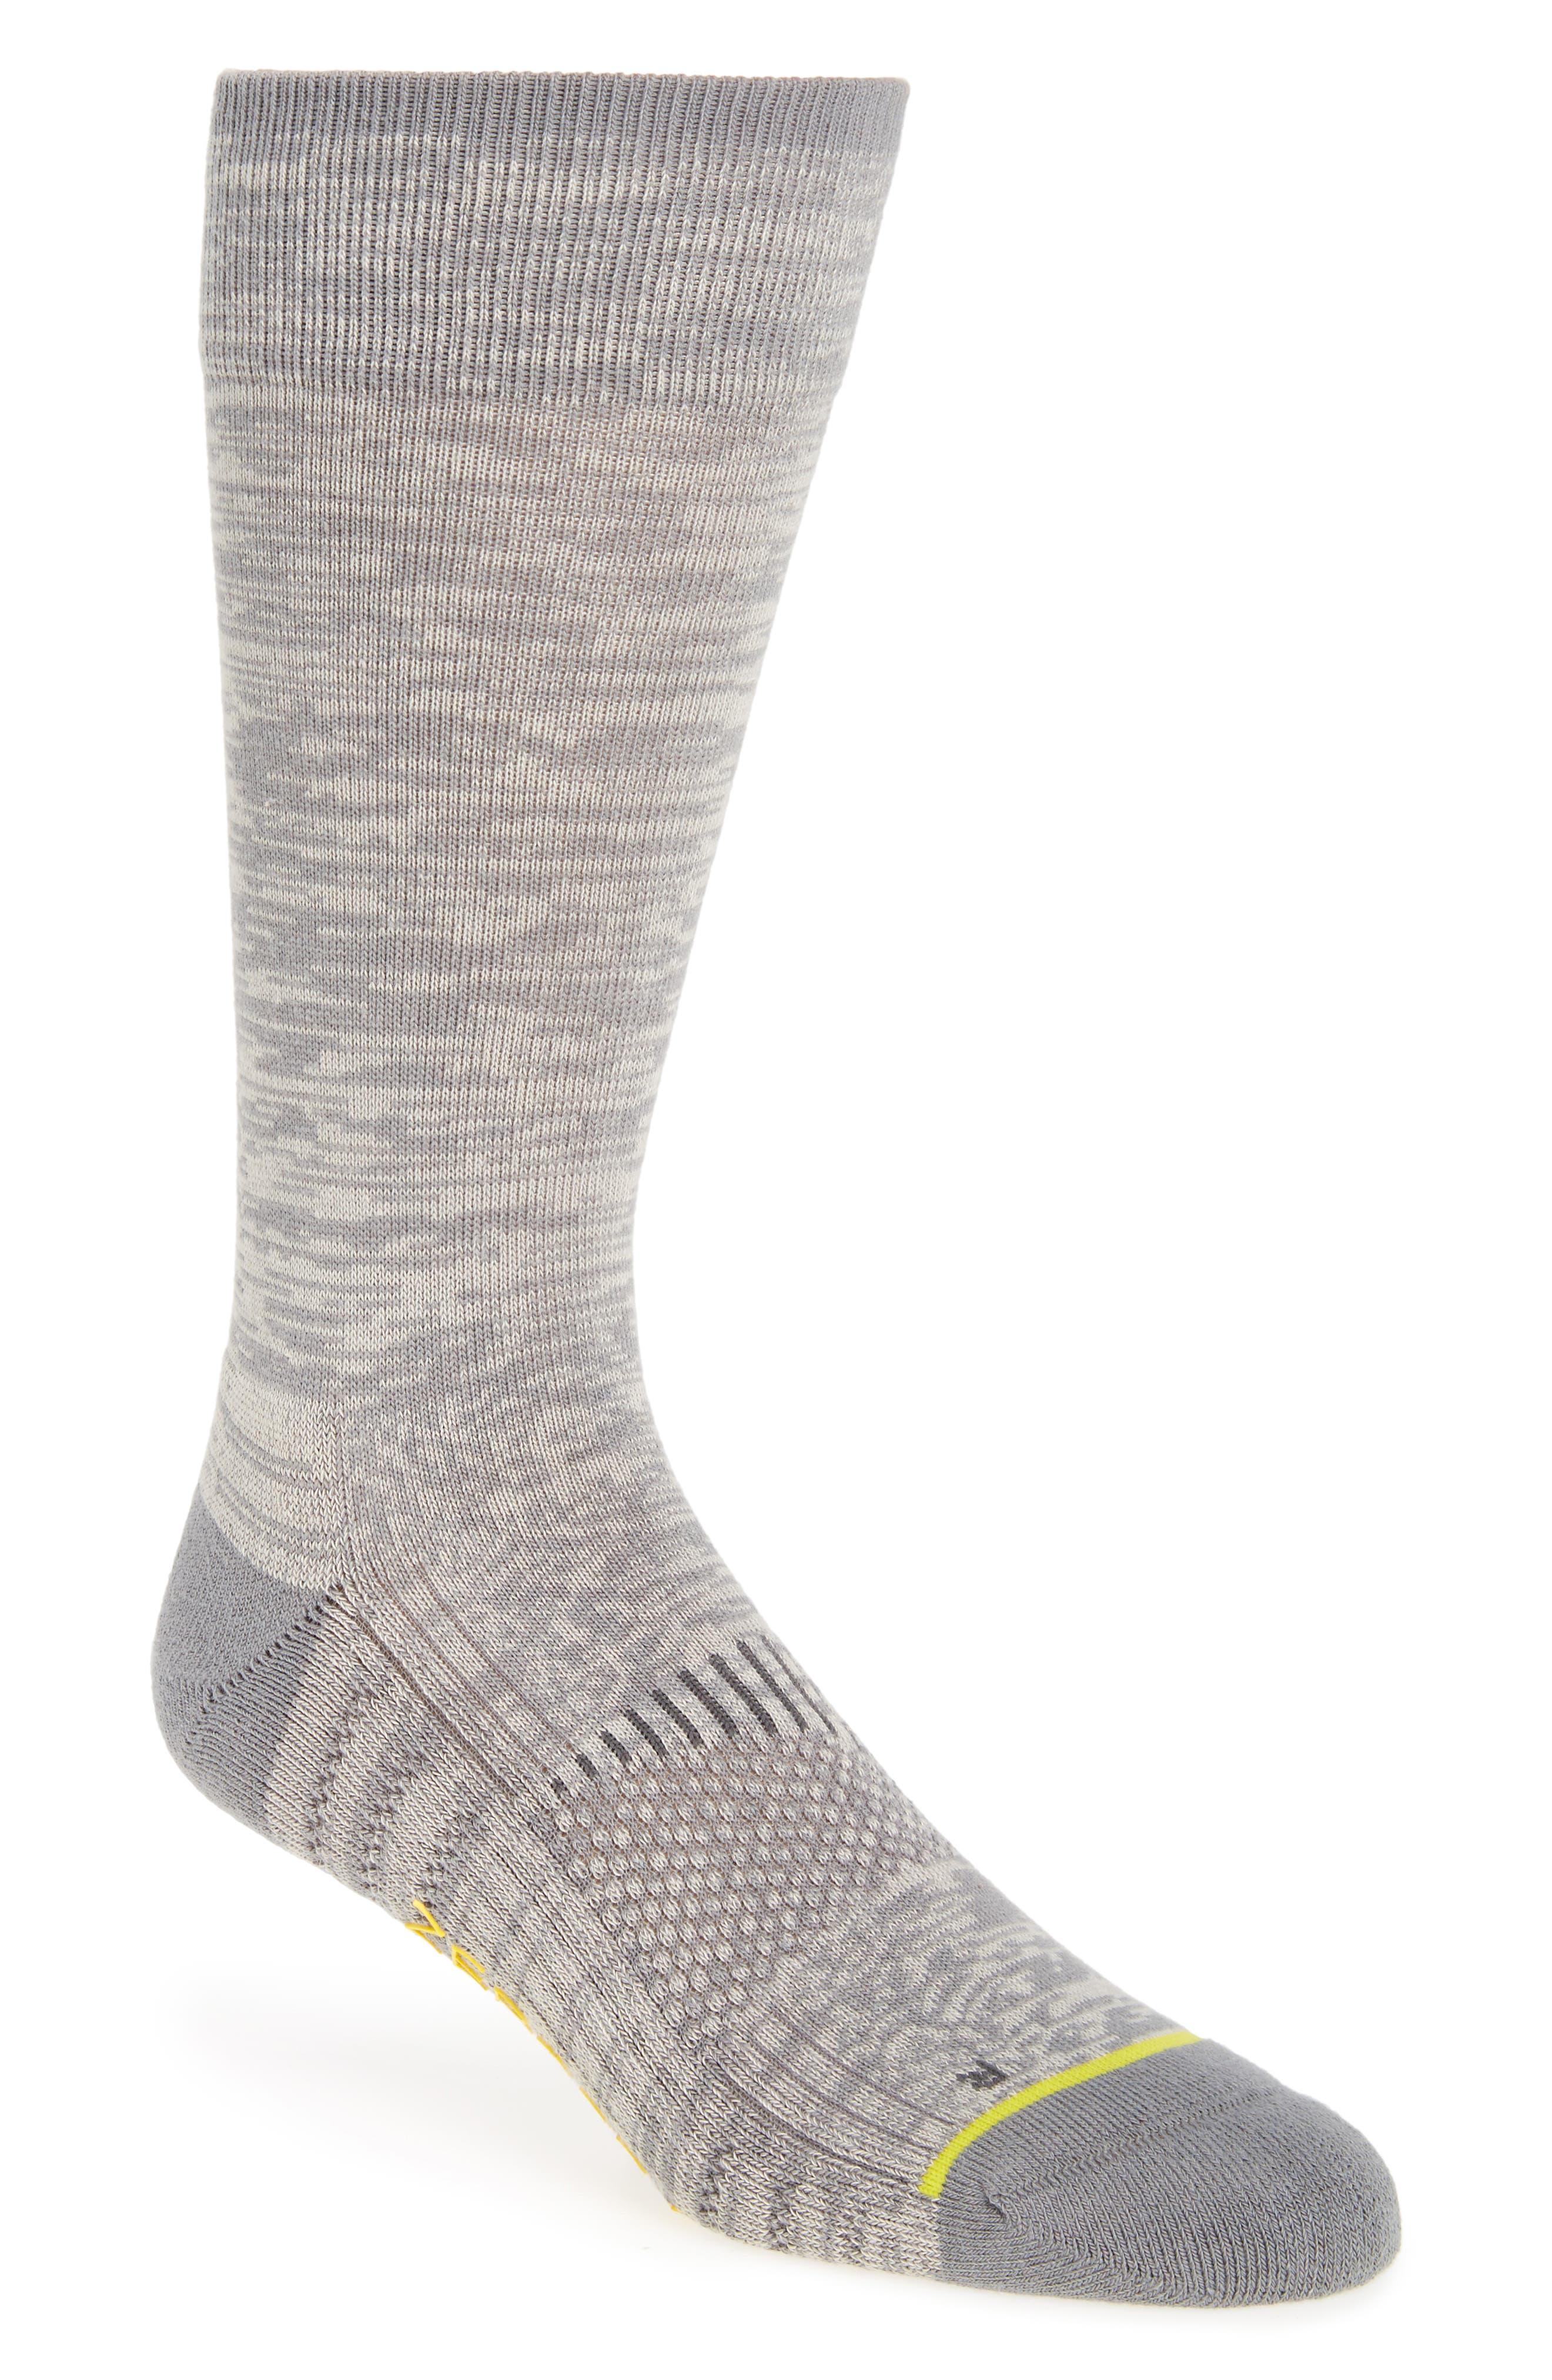 ZeroGrand Random Feed Crew Socks,                             Main thumbnail 1, color,                             039